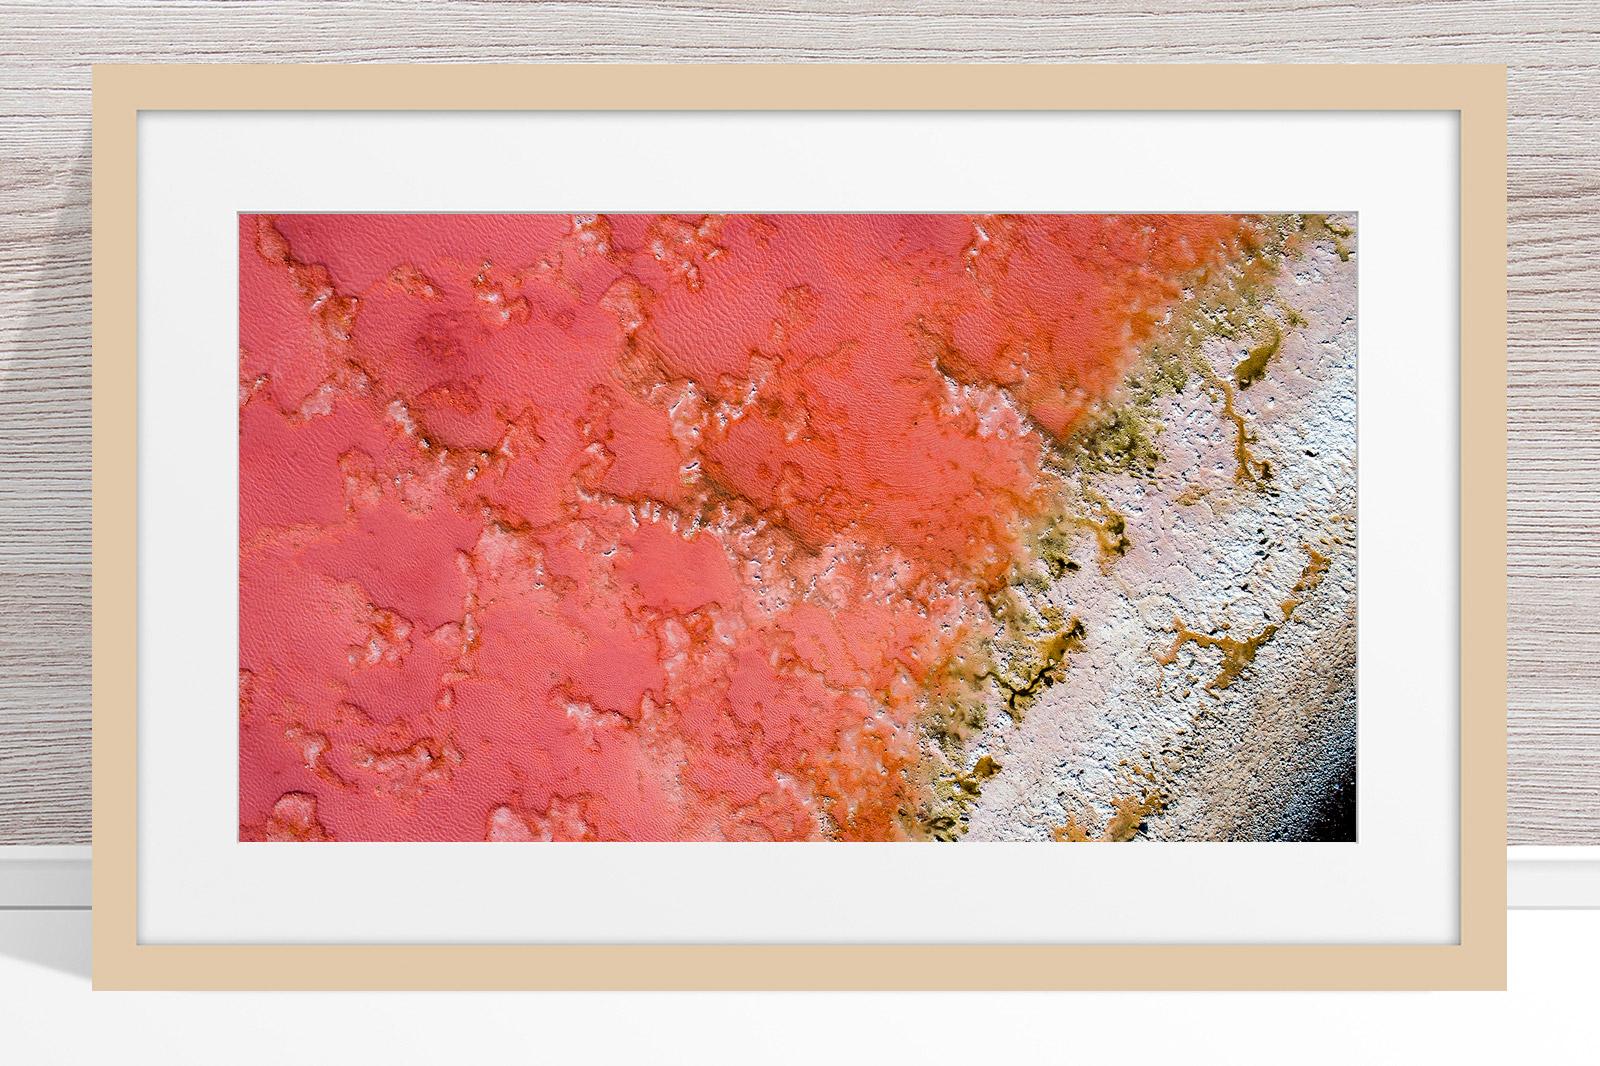 002 - Jason Mazur - 'Pink Lake, Port Gregory' Light Frame